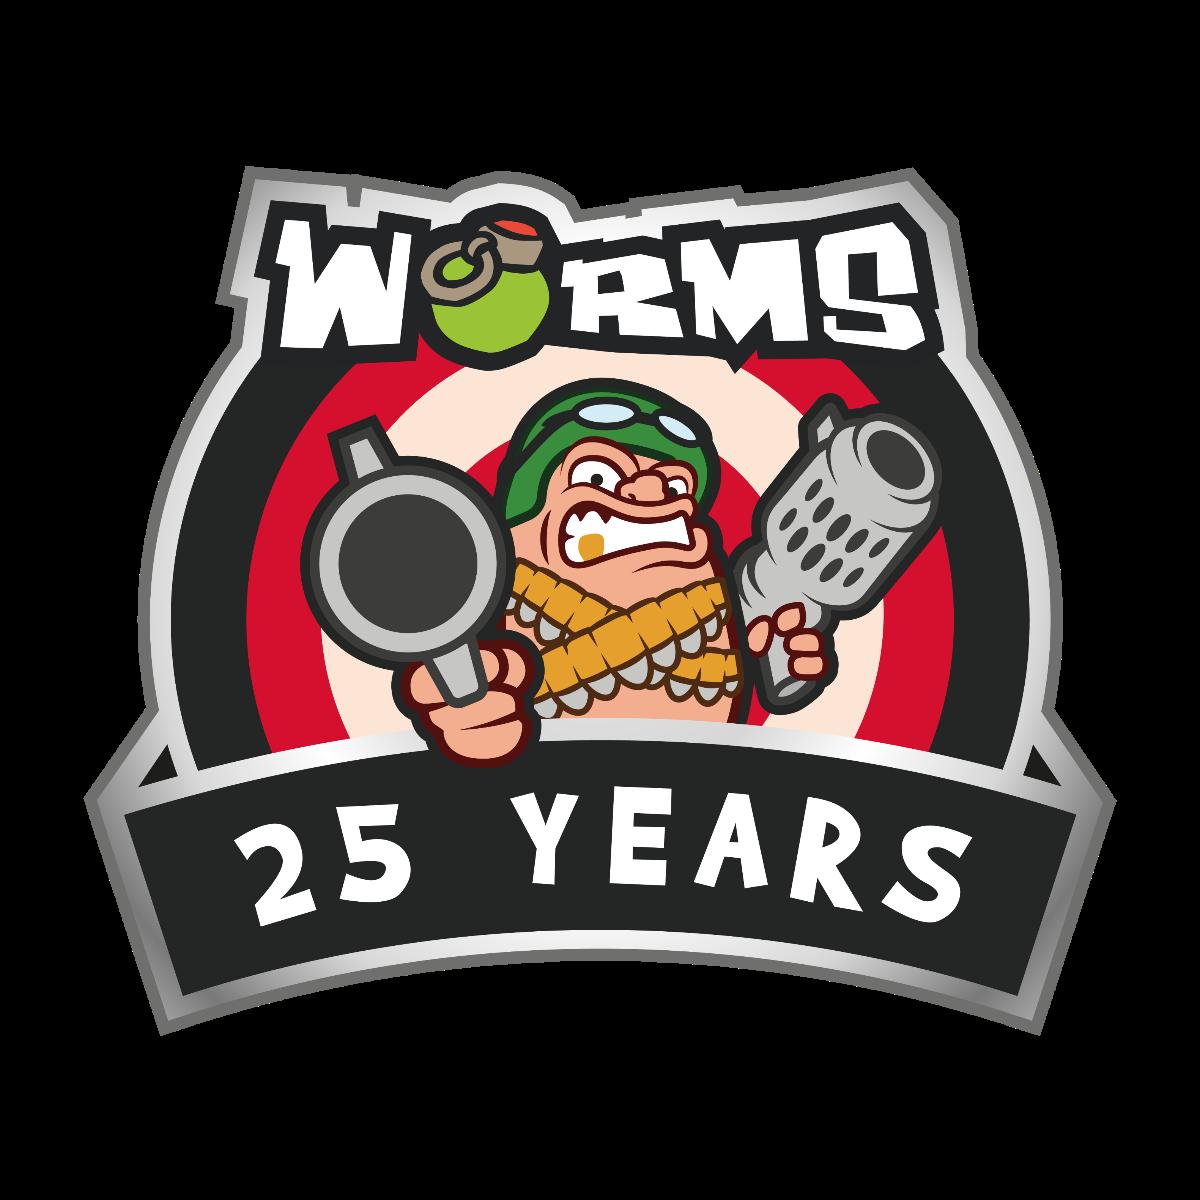 I vermi compiono 25 anni: grande update di Worms Armageddon per festeggiare